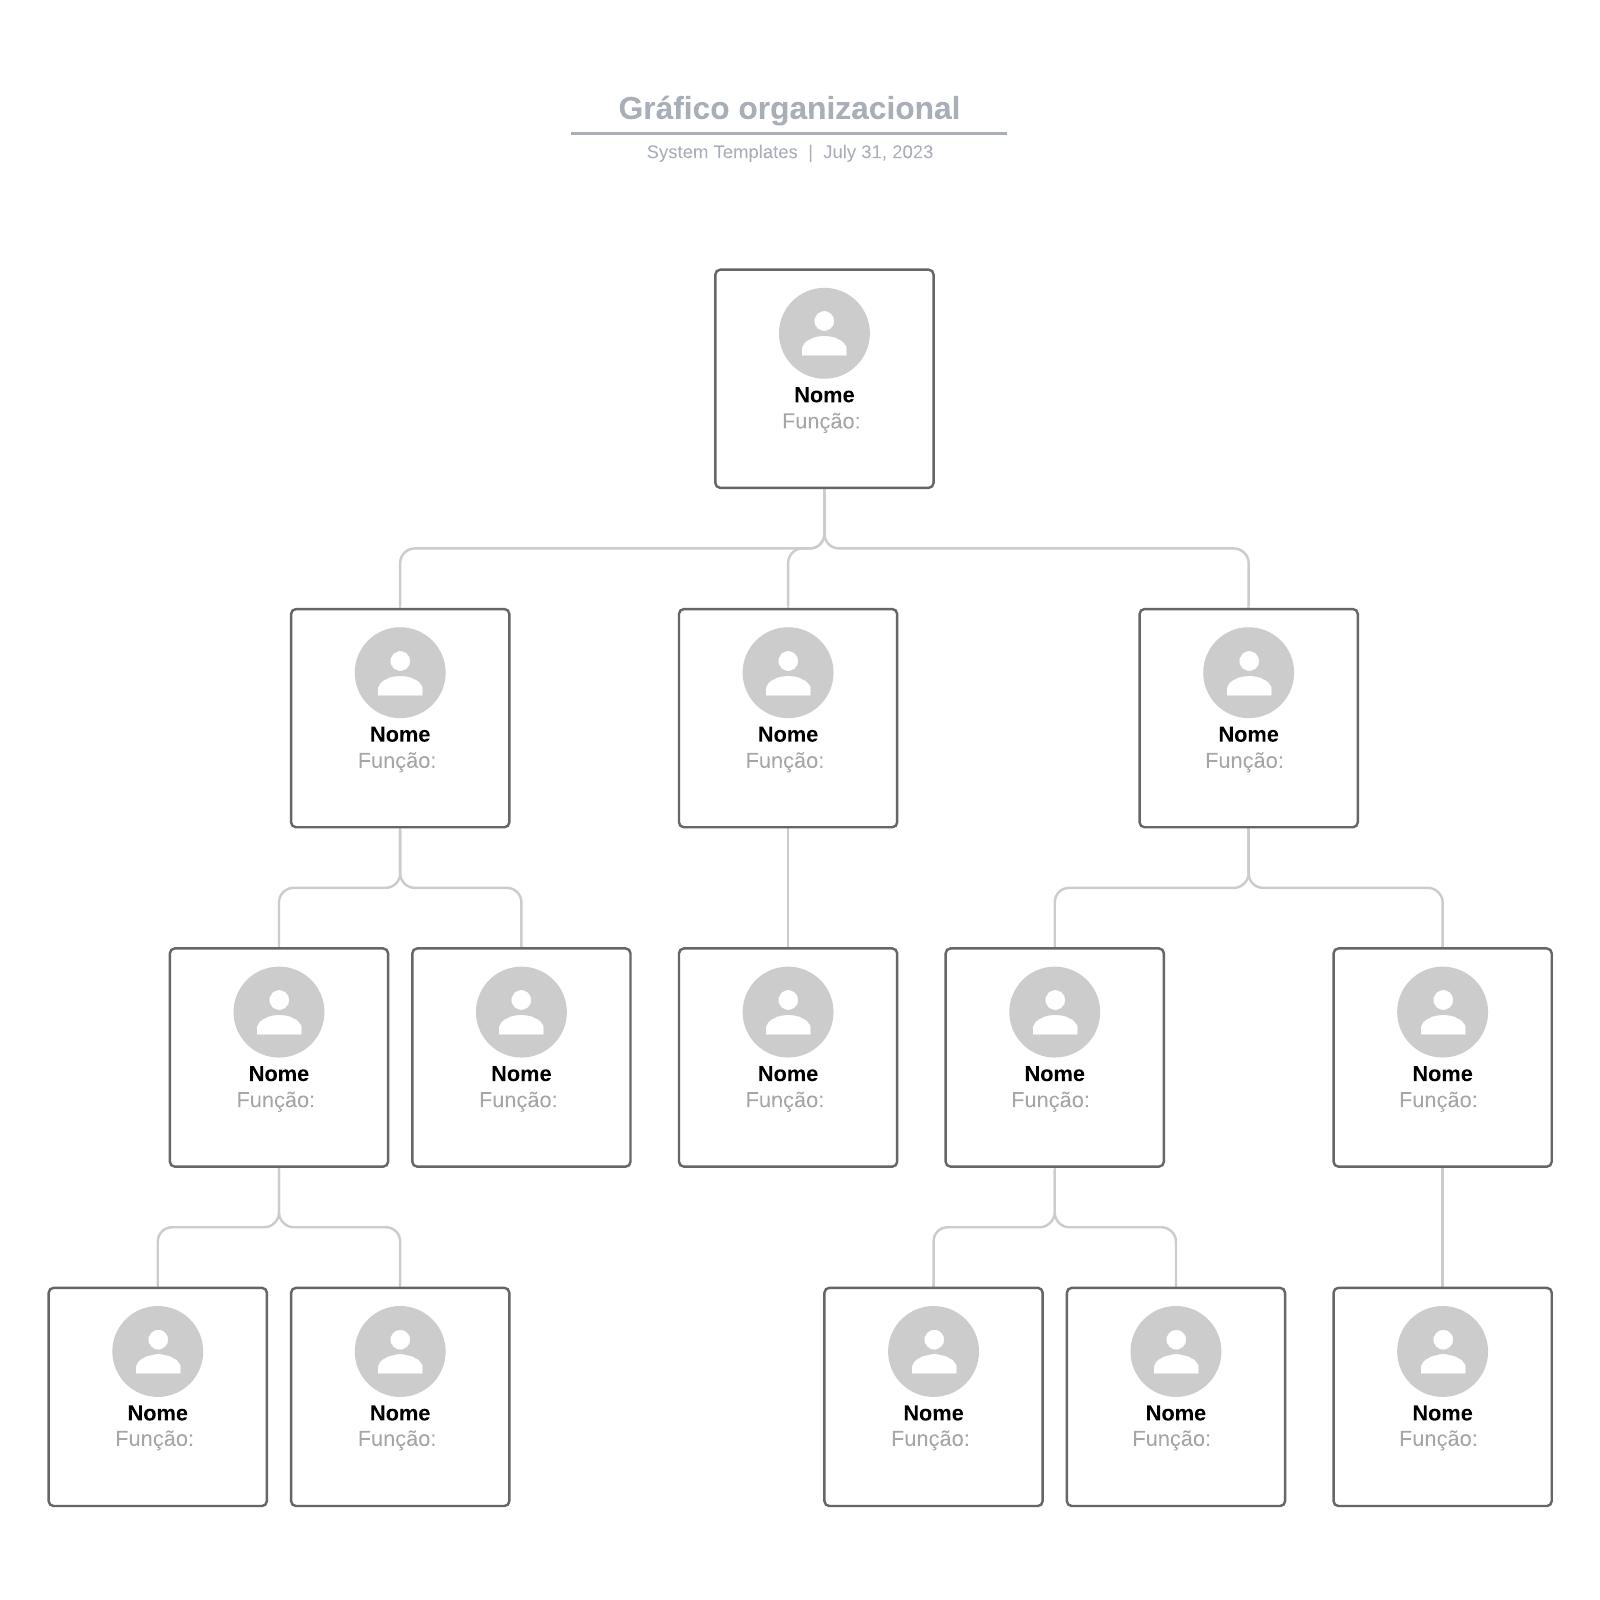 Gráfico organizacional